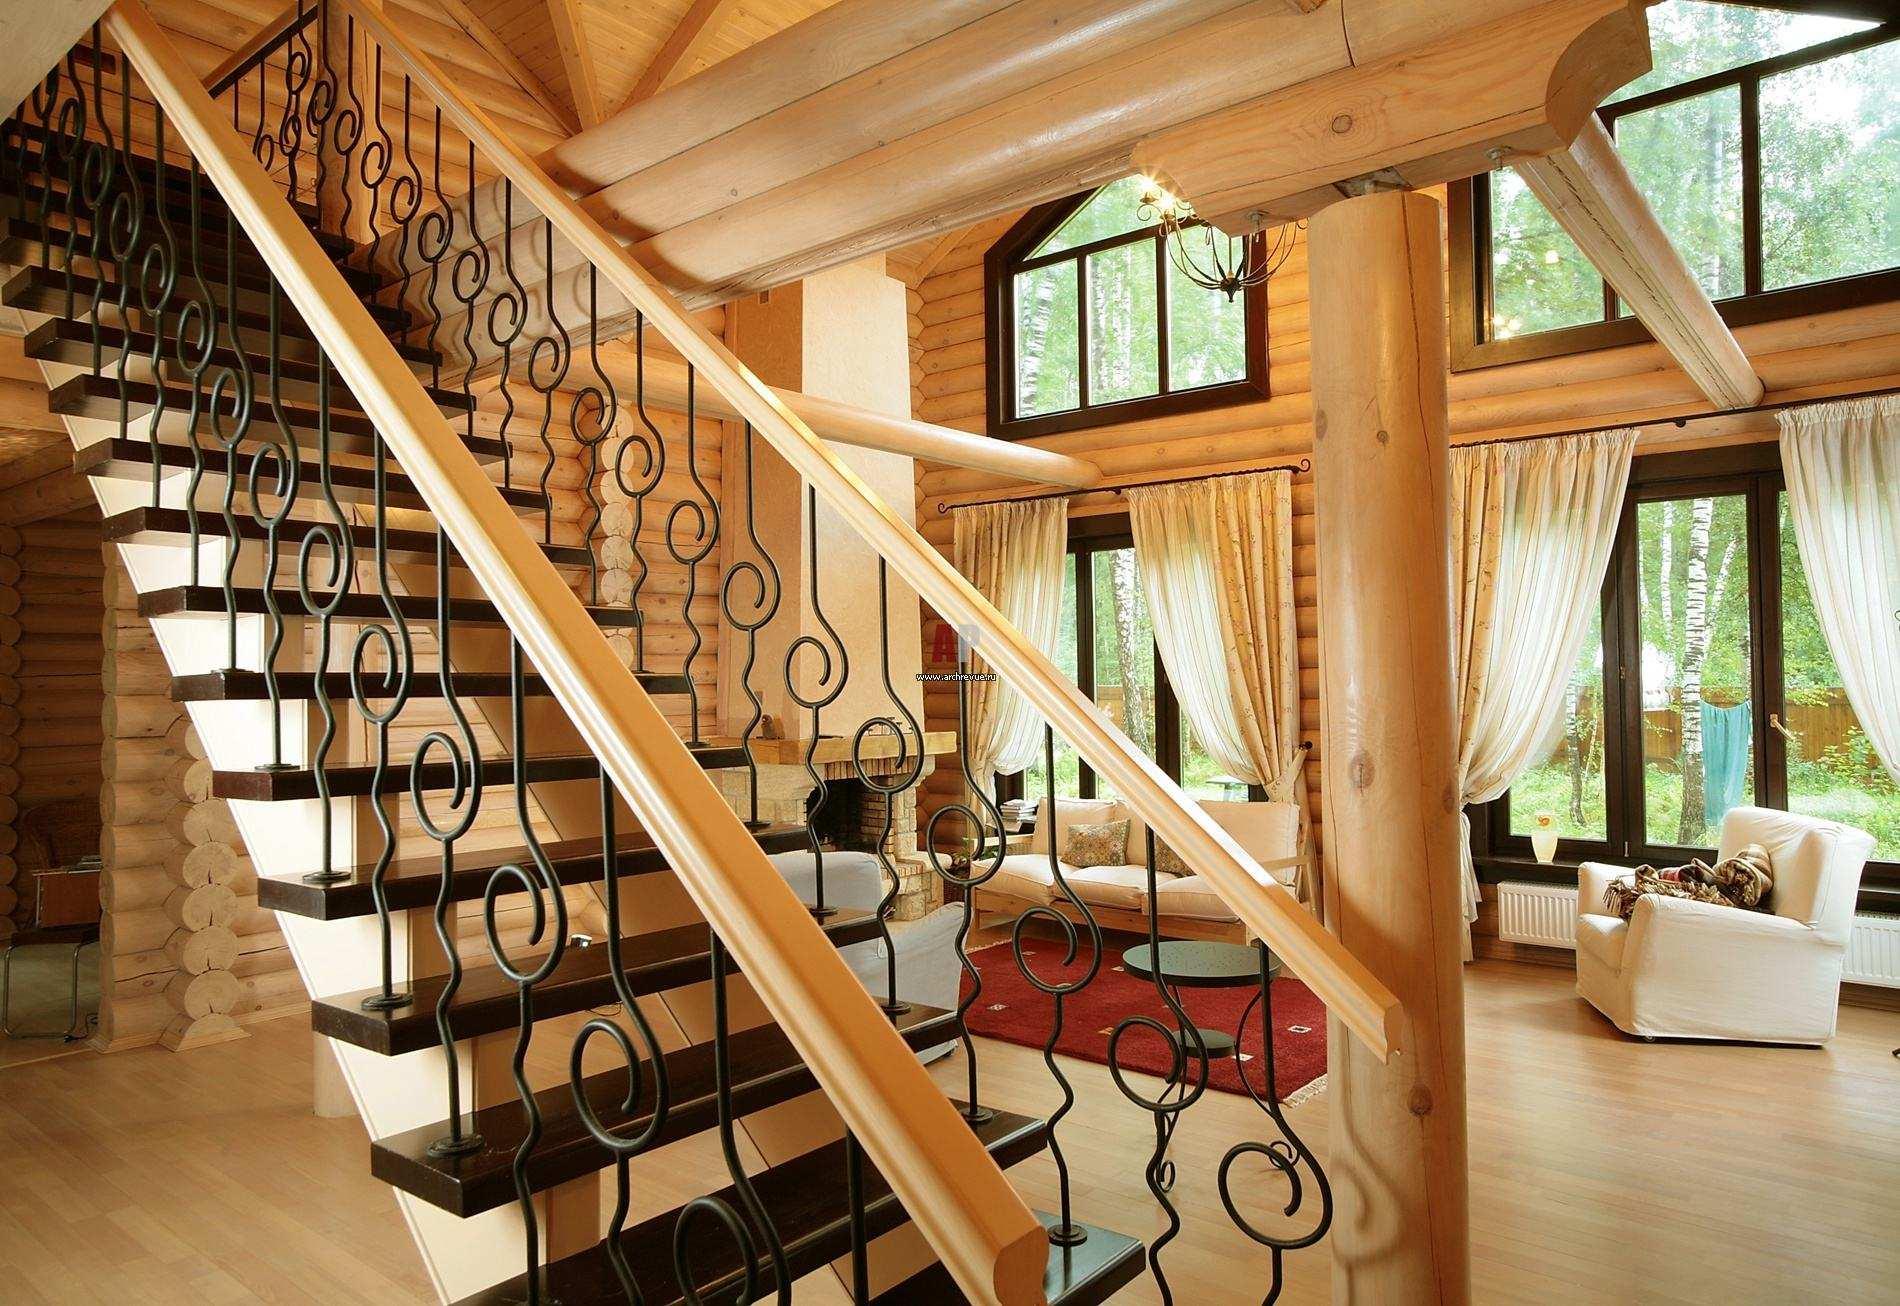 Фото 42. Лестничные конструкции, соединившие в себе сразу несколько видов материалов изготовления - это настоящее произведение искусств, способное до неузнаваемомсти преобразить Ваш дом